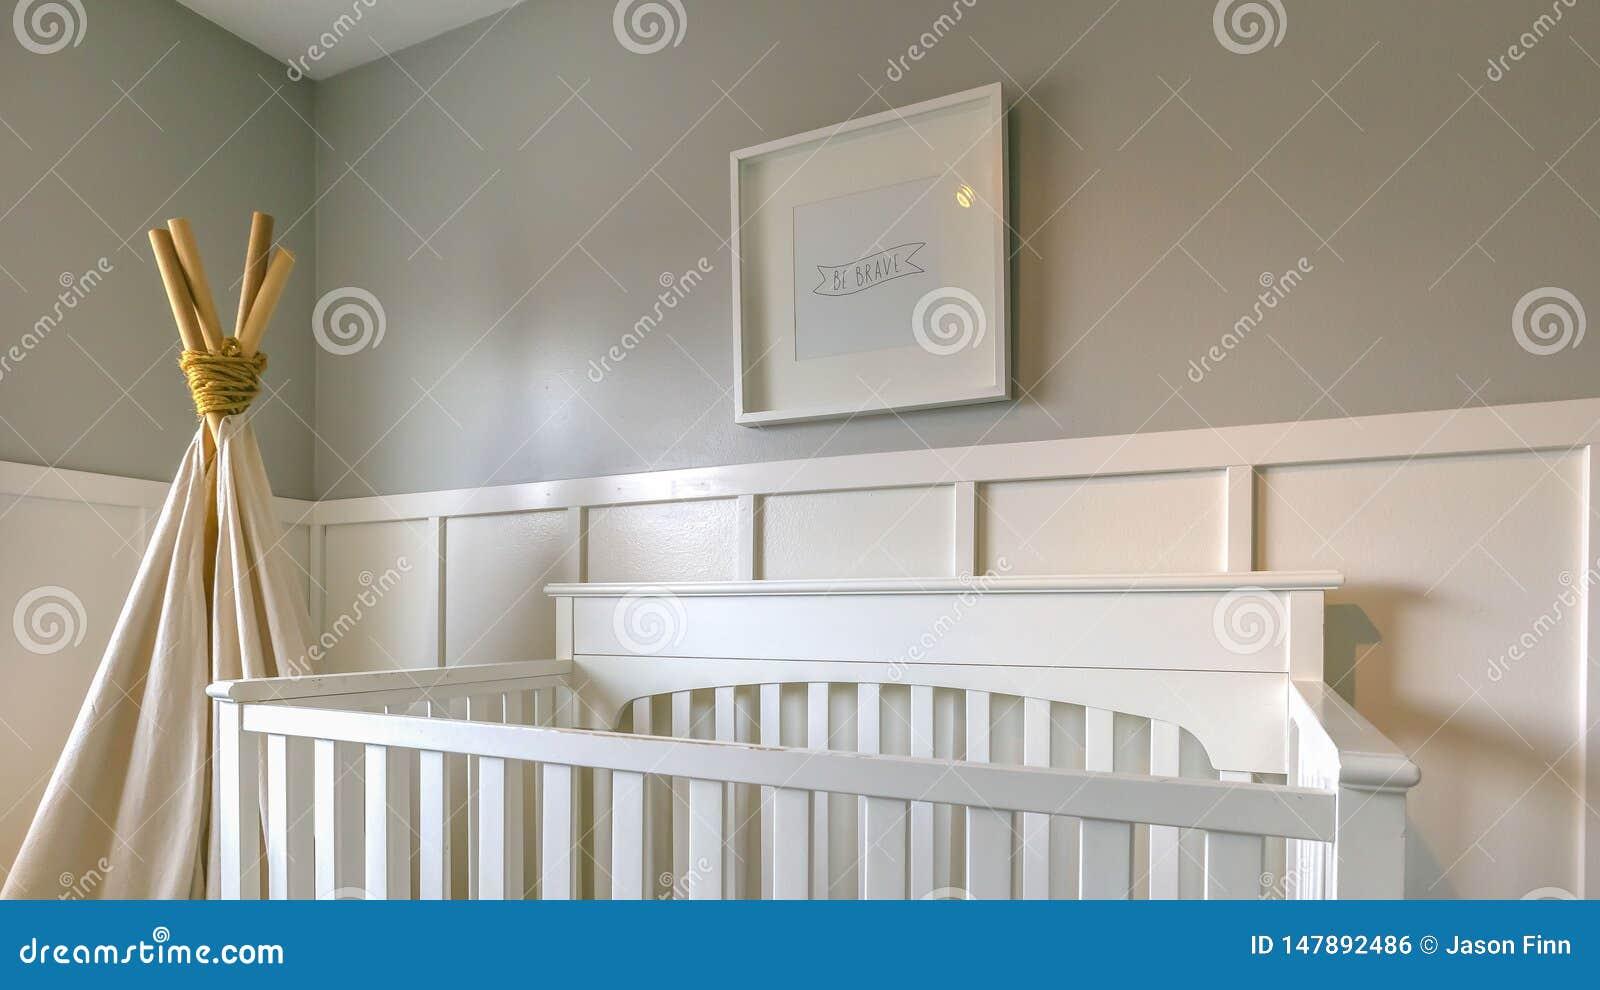 Duidelijk Panoramabinnenland van een ruimte voor kinderen met wit houten voederbak en speltipi